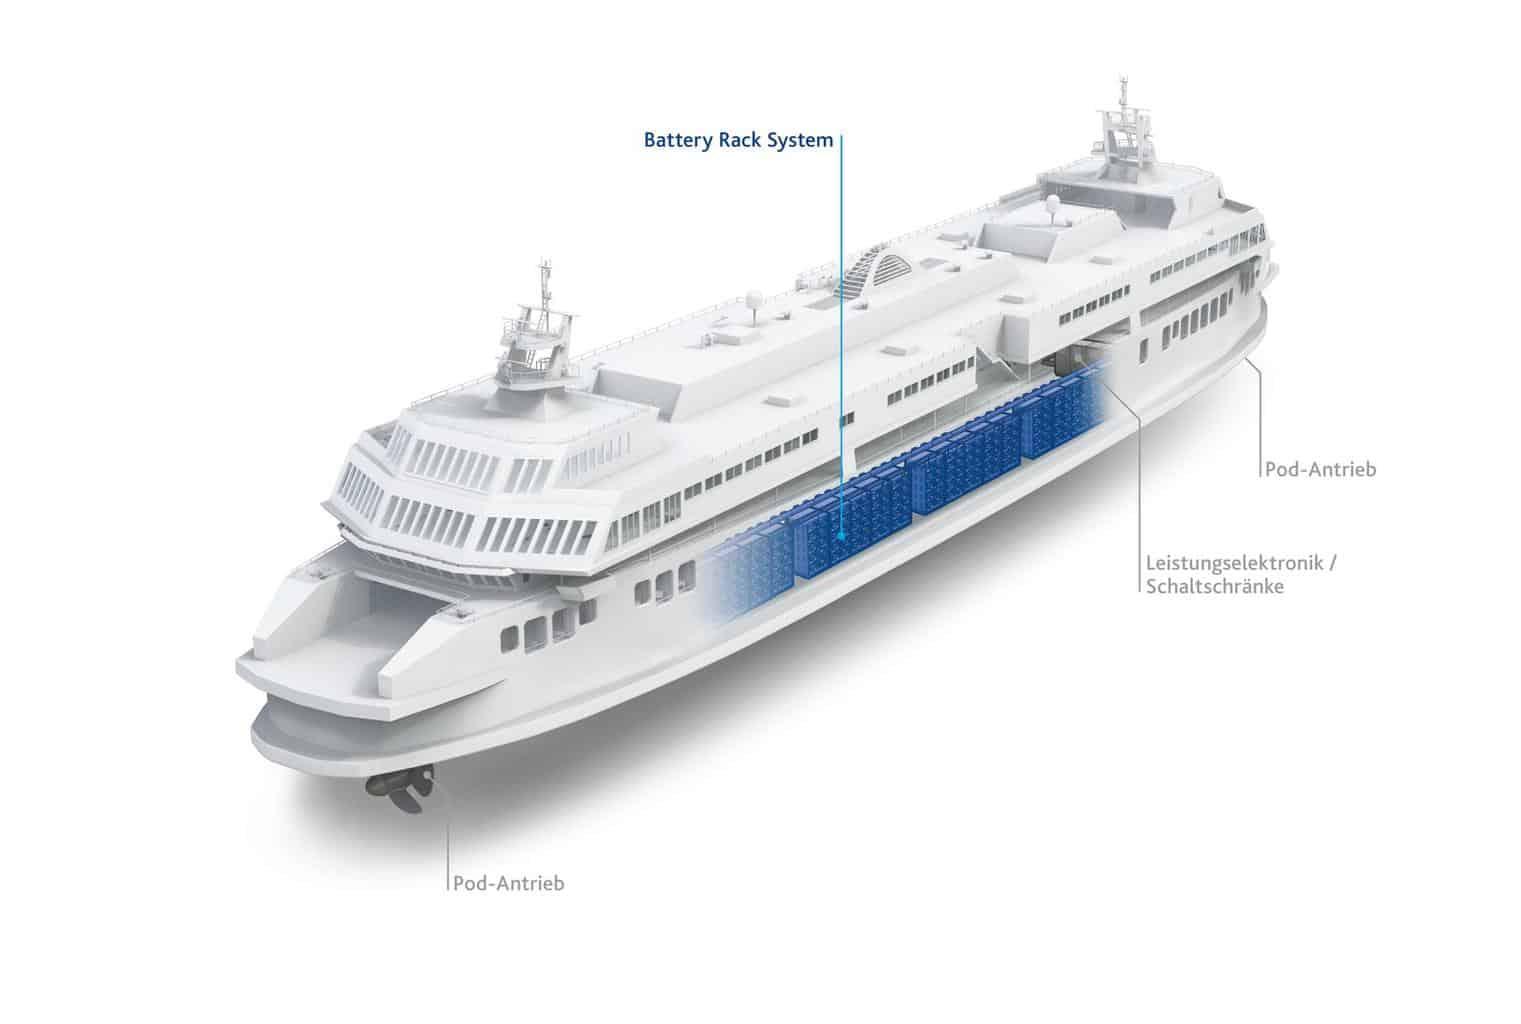 Freudenberg elektrifiziert Schiffsverkehr mit rund 1.200 Batterien pro Schiff